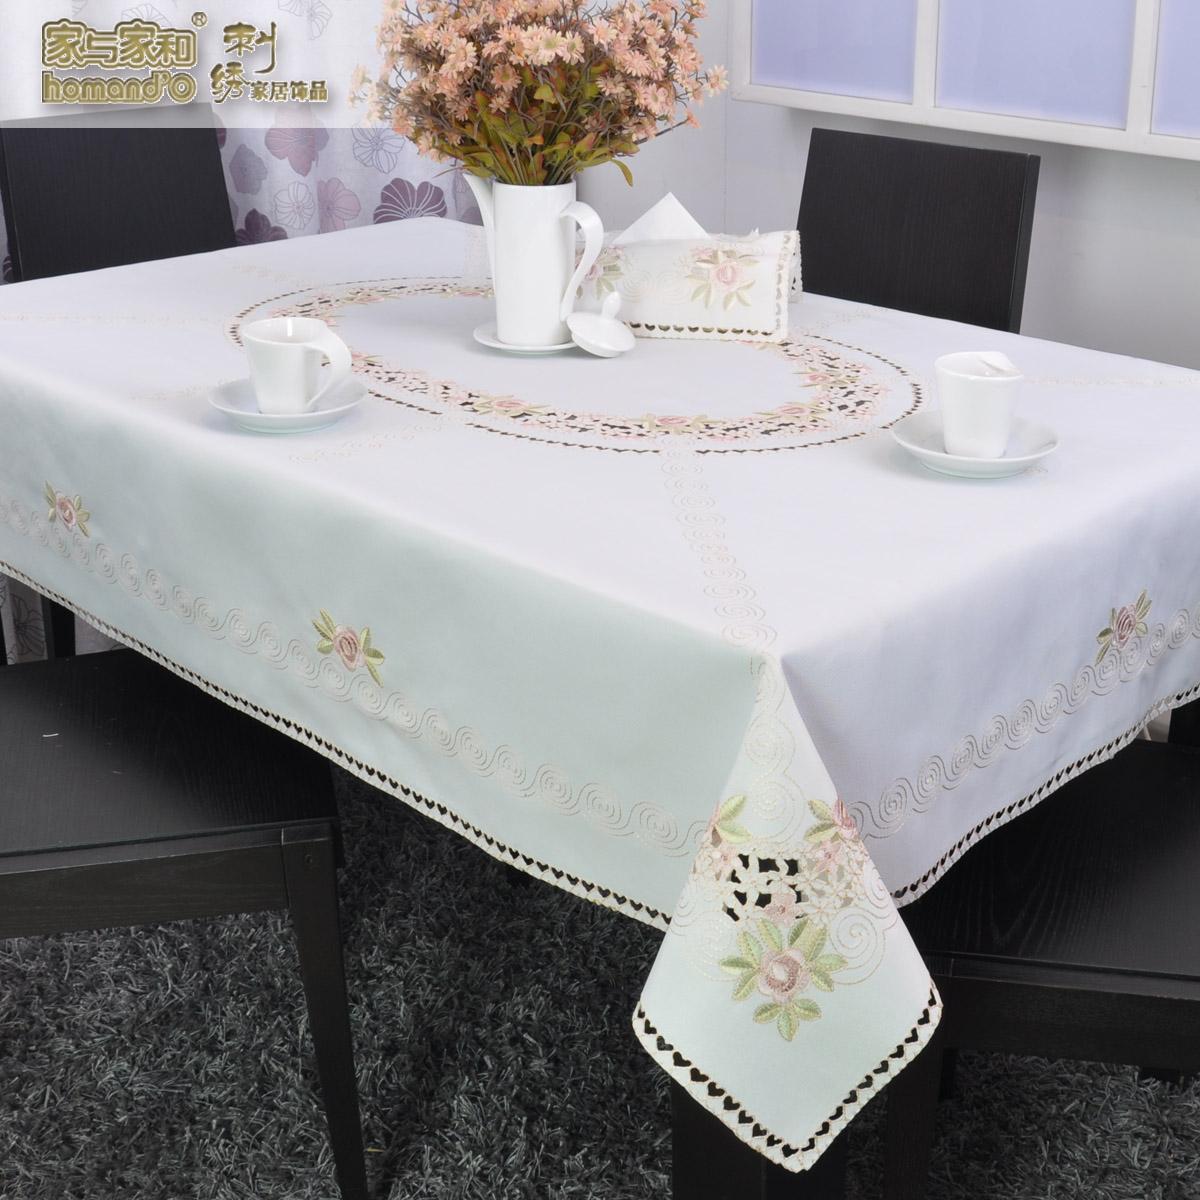 欧式田园镂空绣花餐桌布布艺桌旗椅套圆形正方形茶几布方桌布盘垫价图片